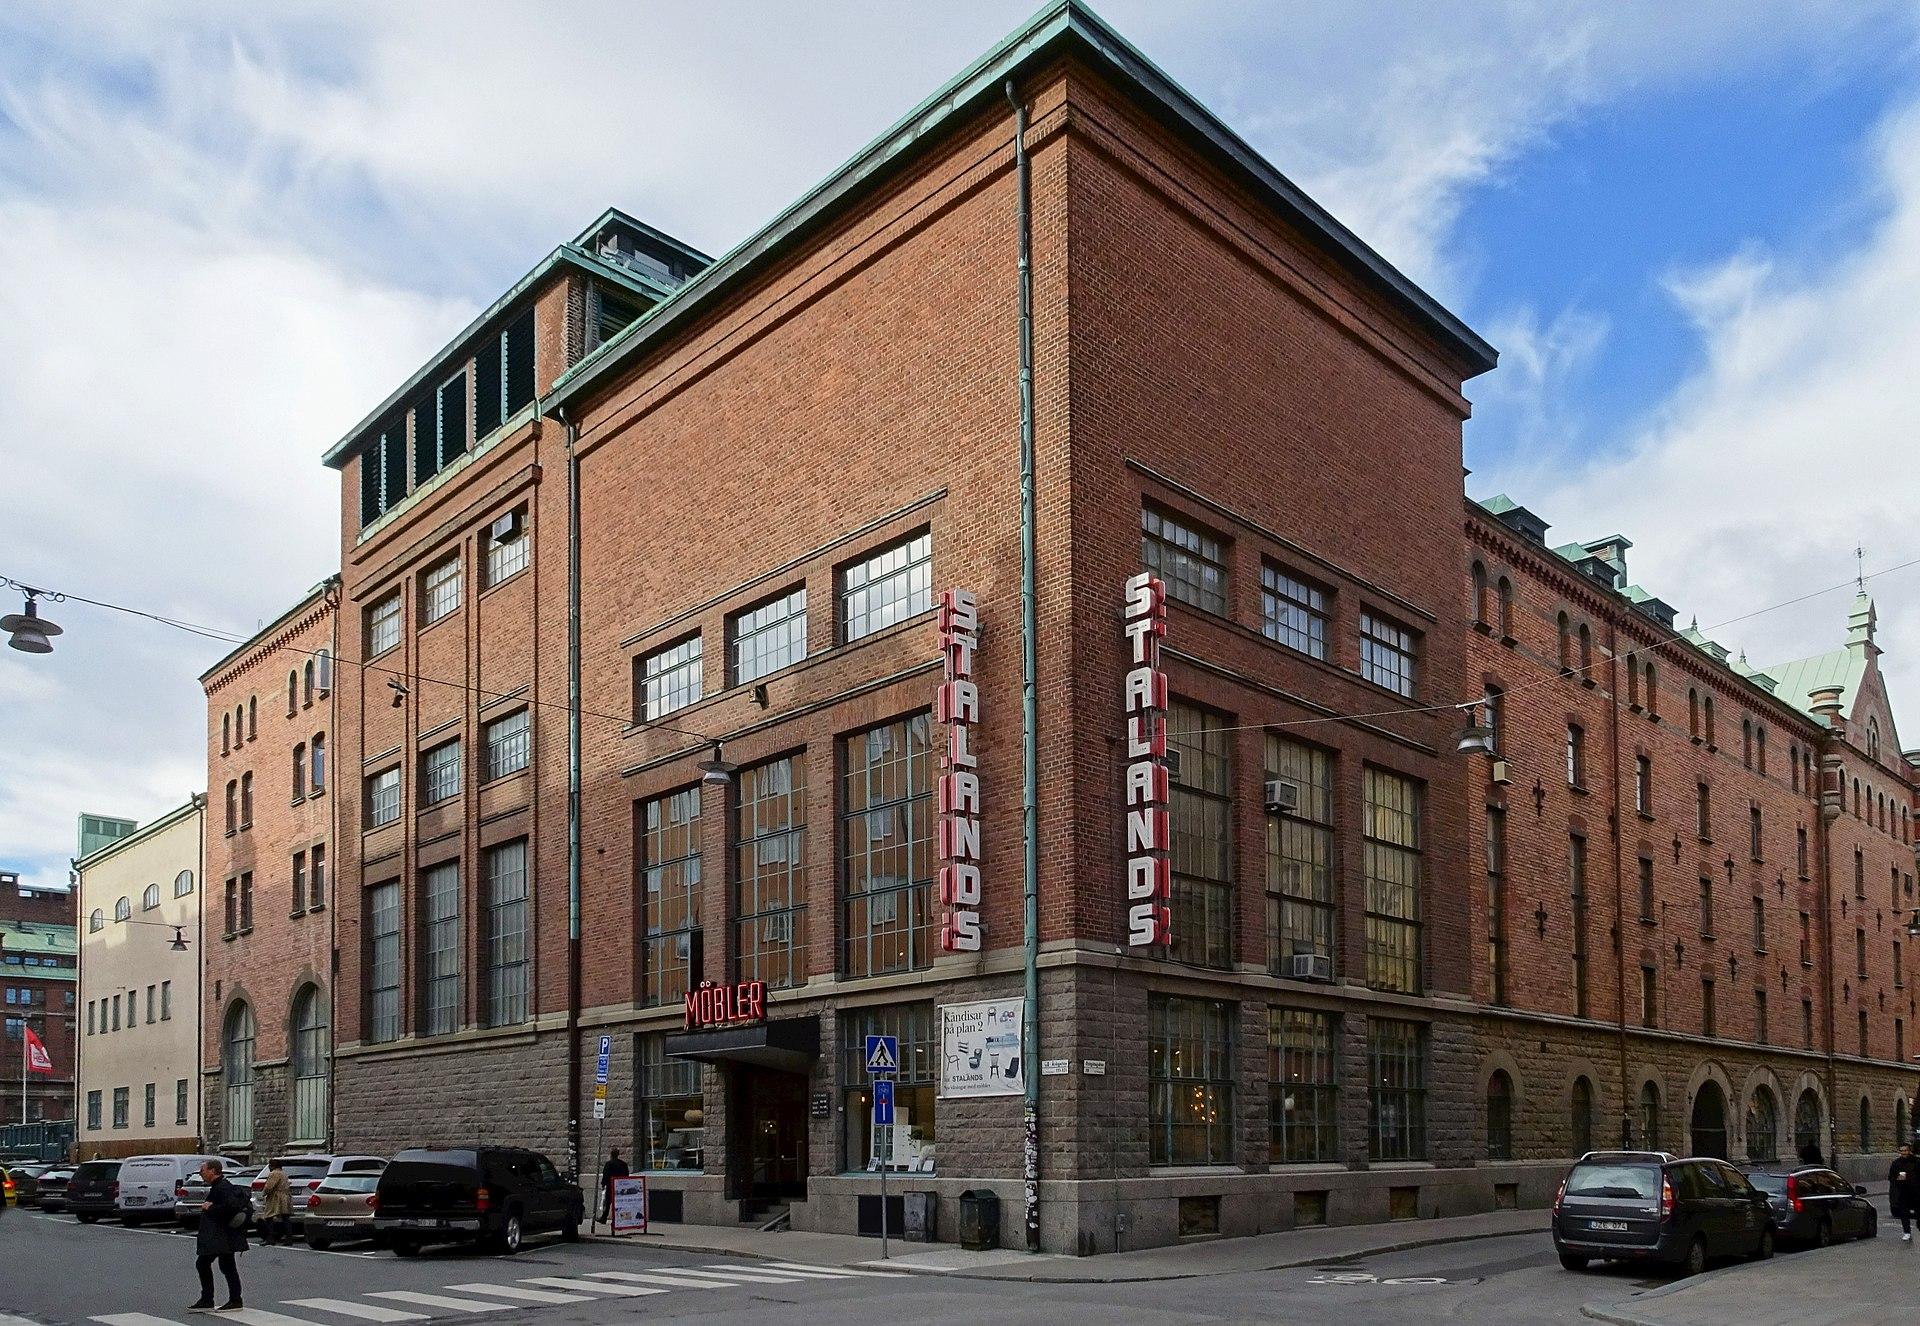 Stockholm/Södermalm - Stalands Möbler